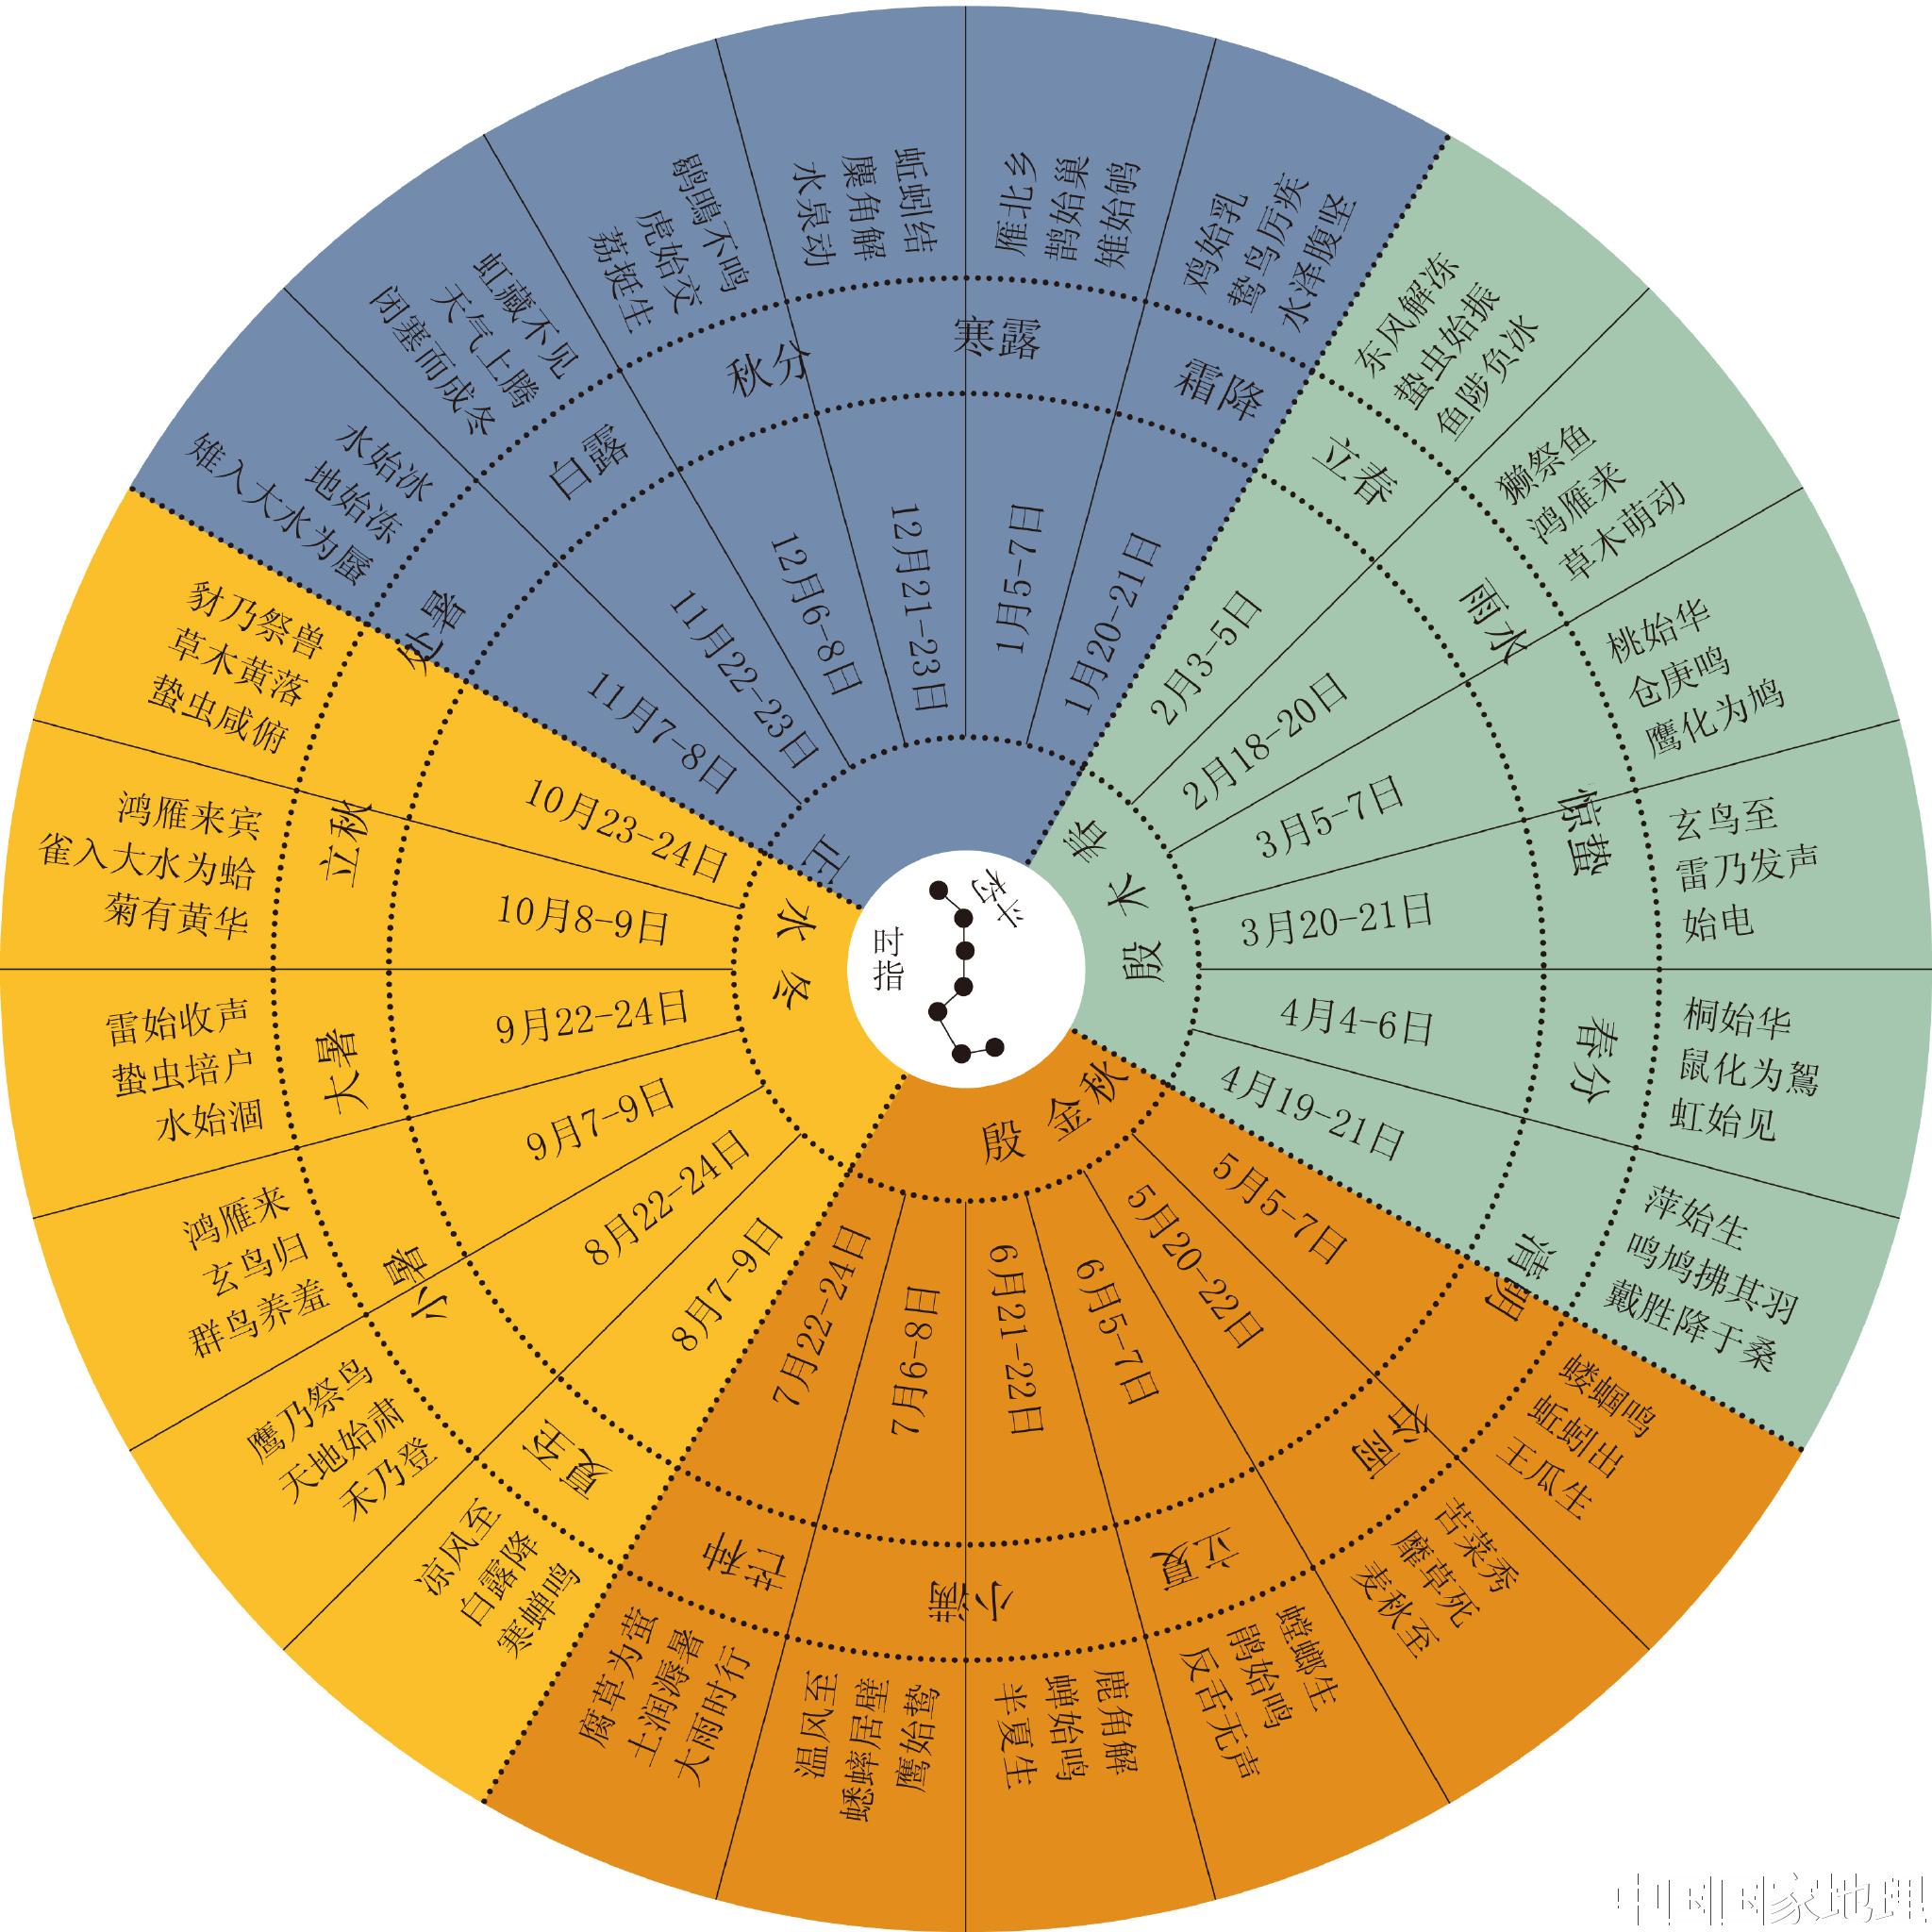 天干地支五行代表的时间与方位插图2